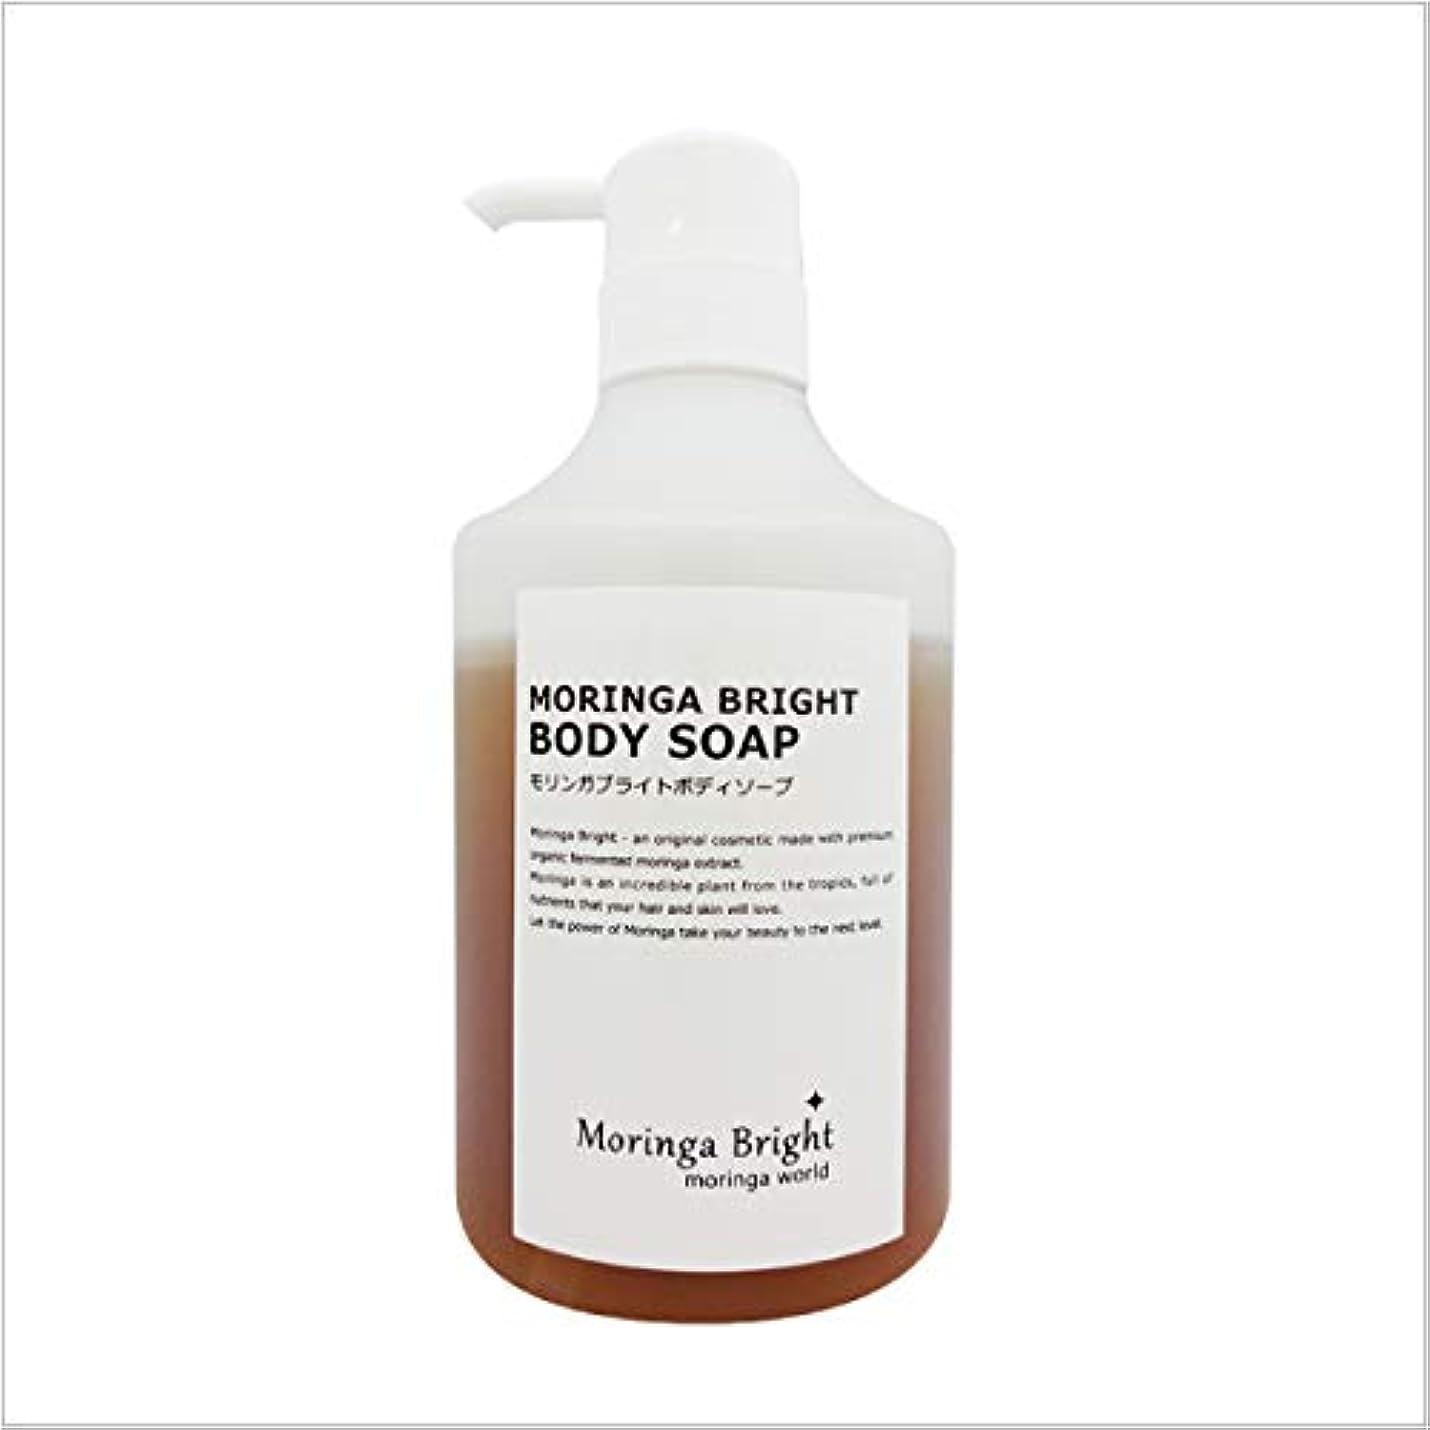 恥口径デッドロックモリンガブライトボディソープ450ml 最上級の無添加ボディ&洗顔ソープ 国内初の保湿美容成分『発酵モリンガエキス』配合